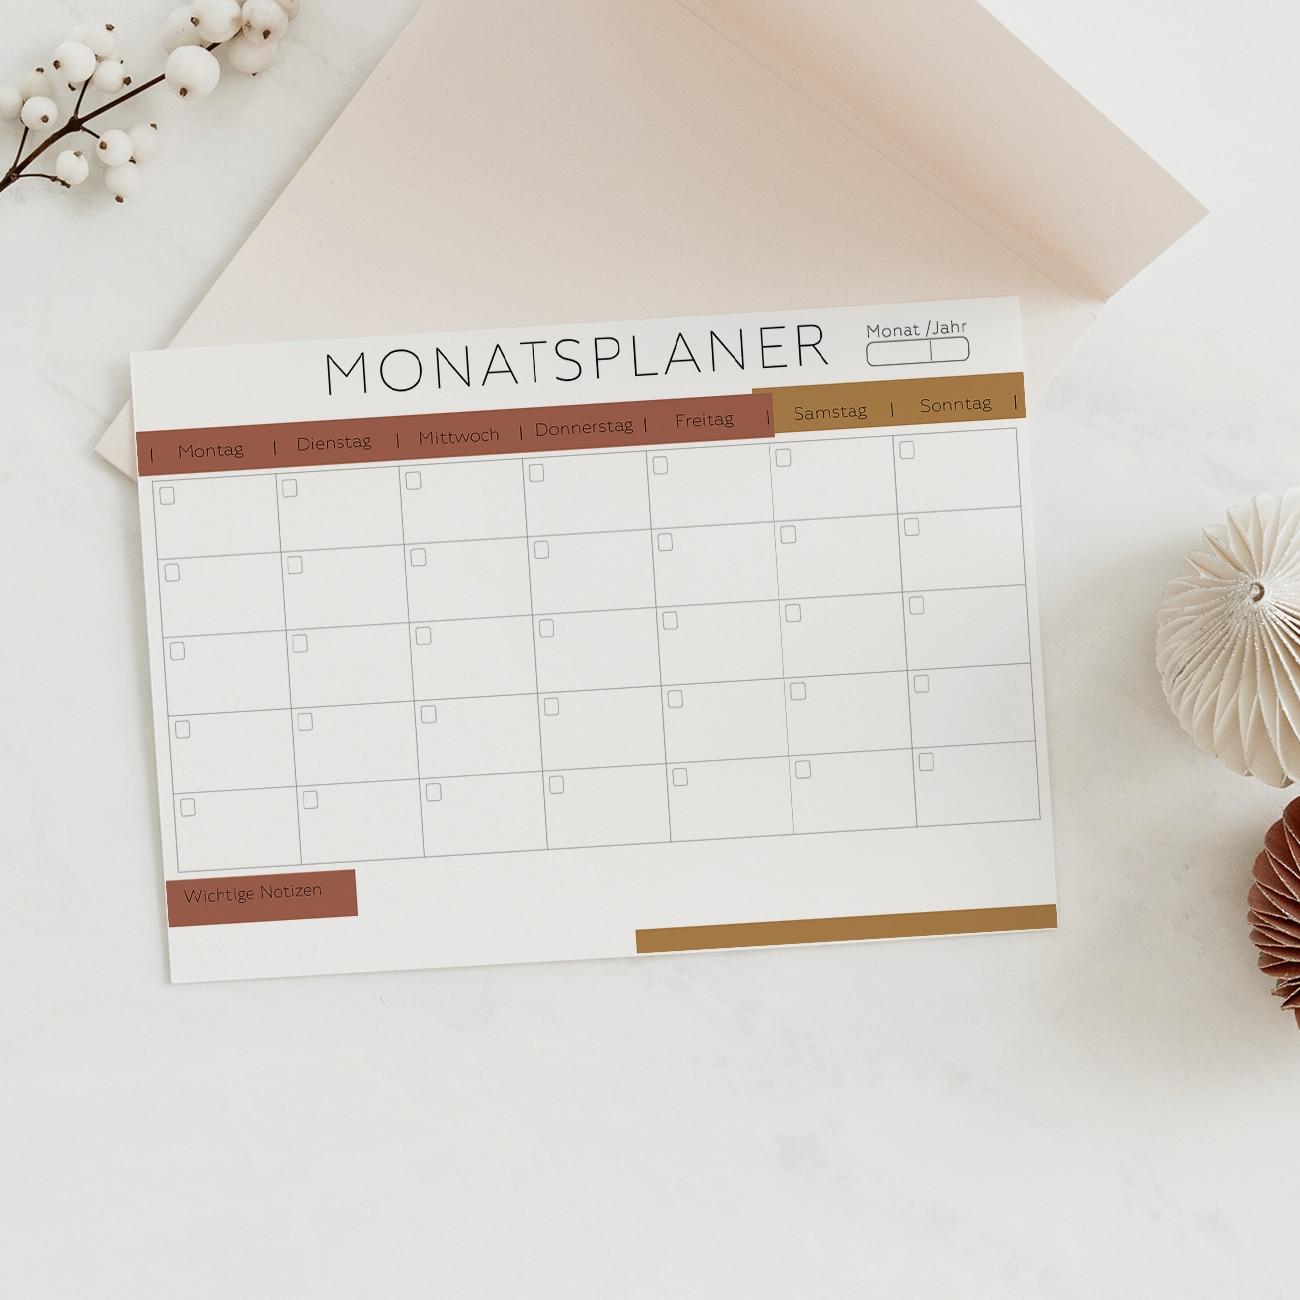 Monatsplan zum ausdrucken modern minimalistisch ausfüllbare pdf